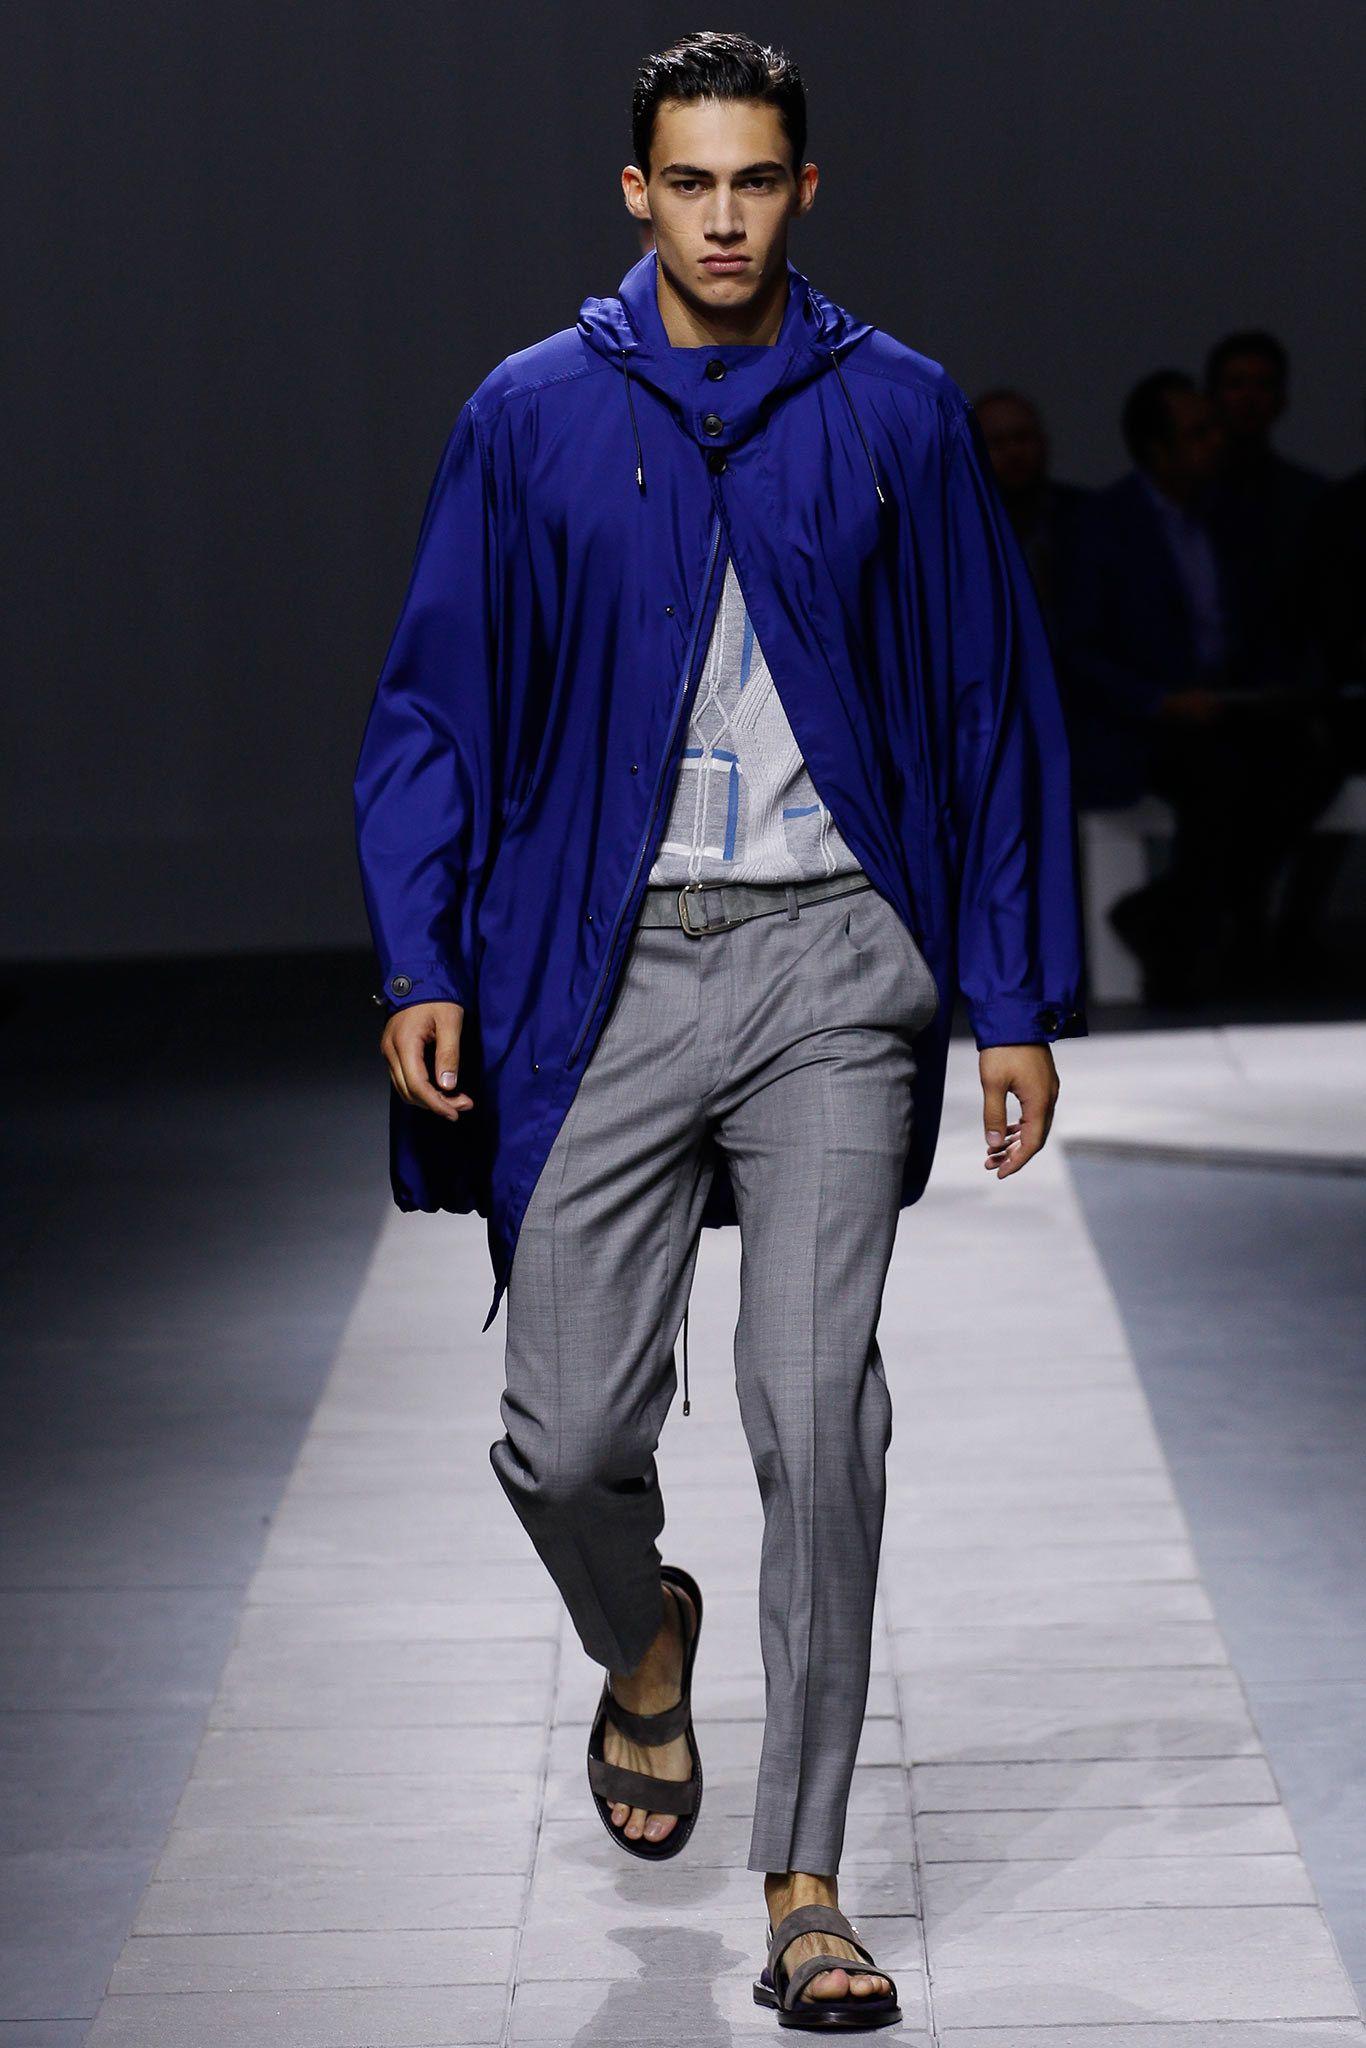 Brioni Spring 2016 Menswear Collection Photos - Vogue Sfilata Di Moda 07576b13bfb